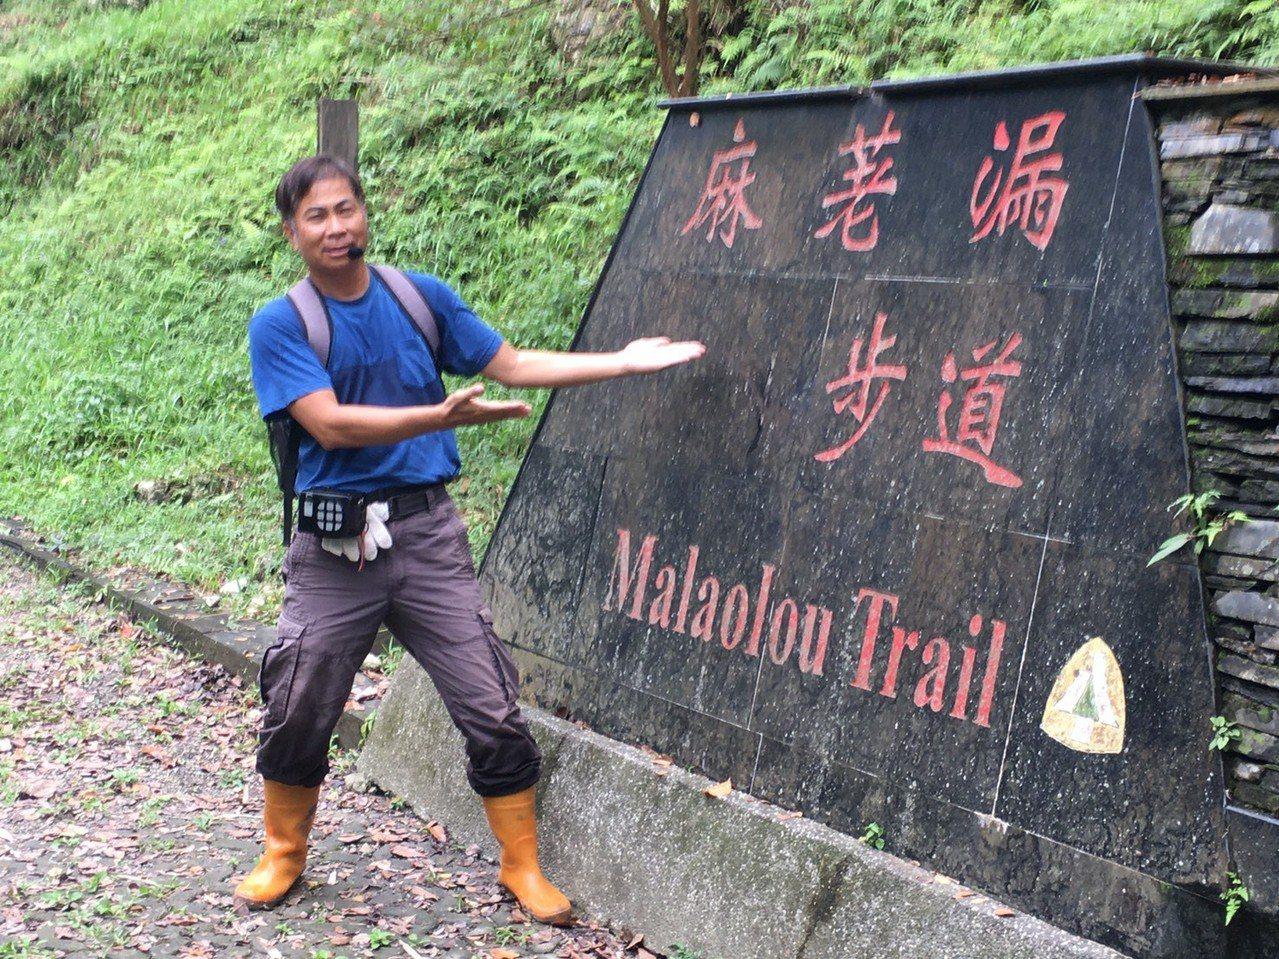 台東生態導覽員韋立琦非常活潑,很能帶動氣氛。 圖/韋立琦提供